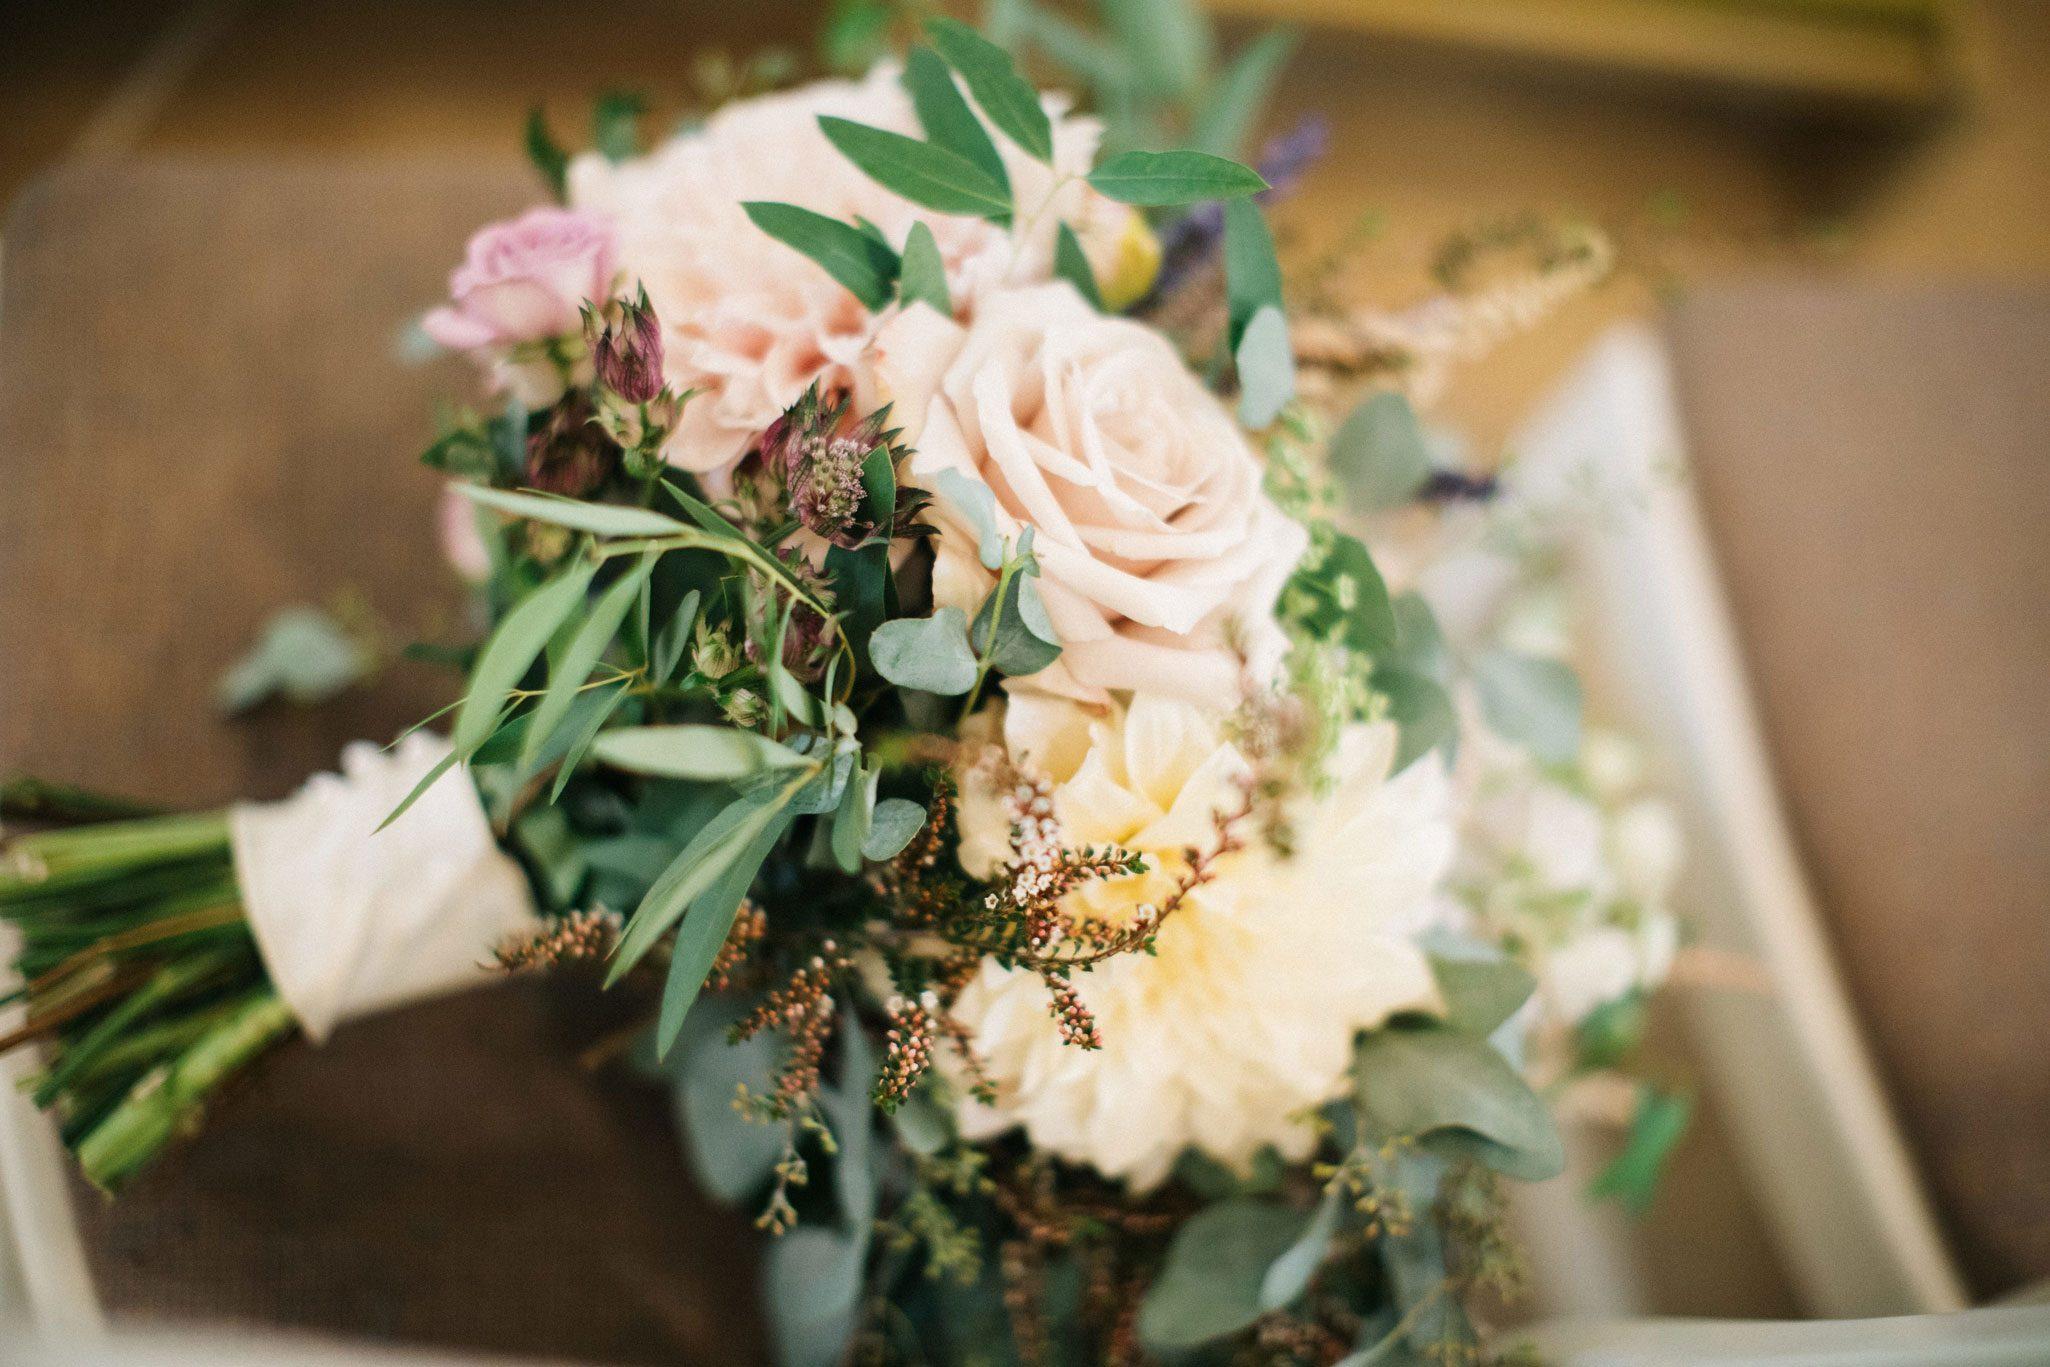 Boquet for a Romantic Garden Wedding in Durango, Colorado